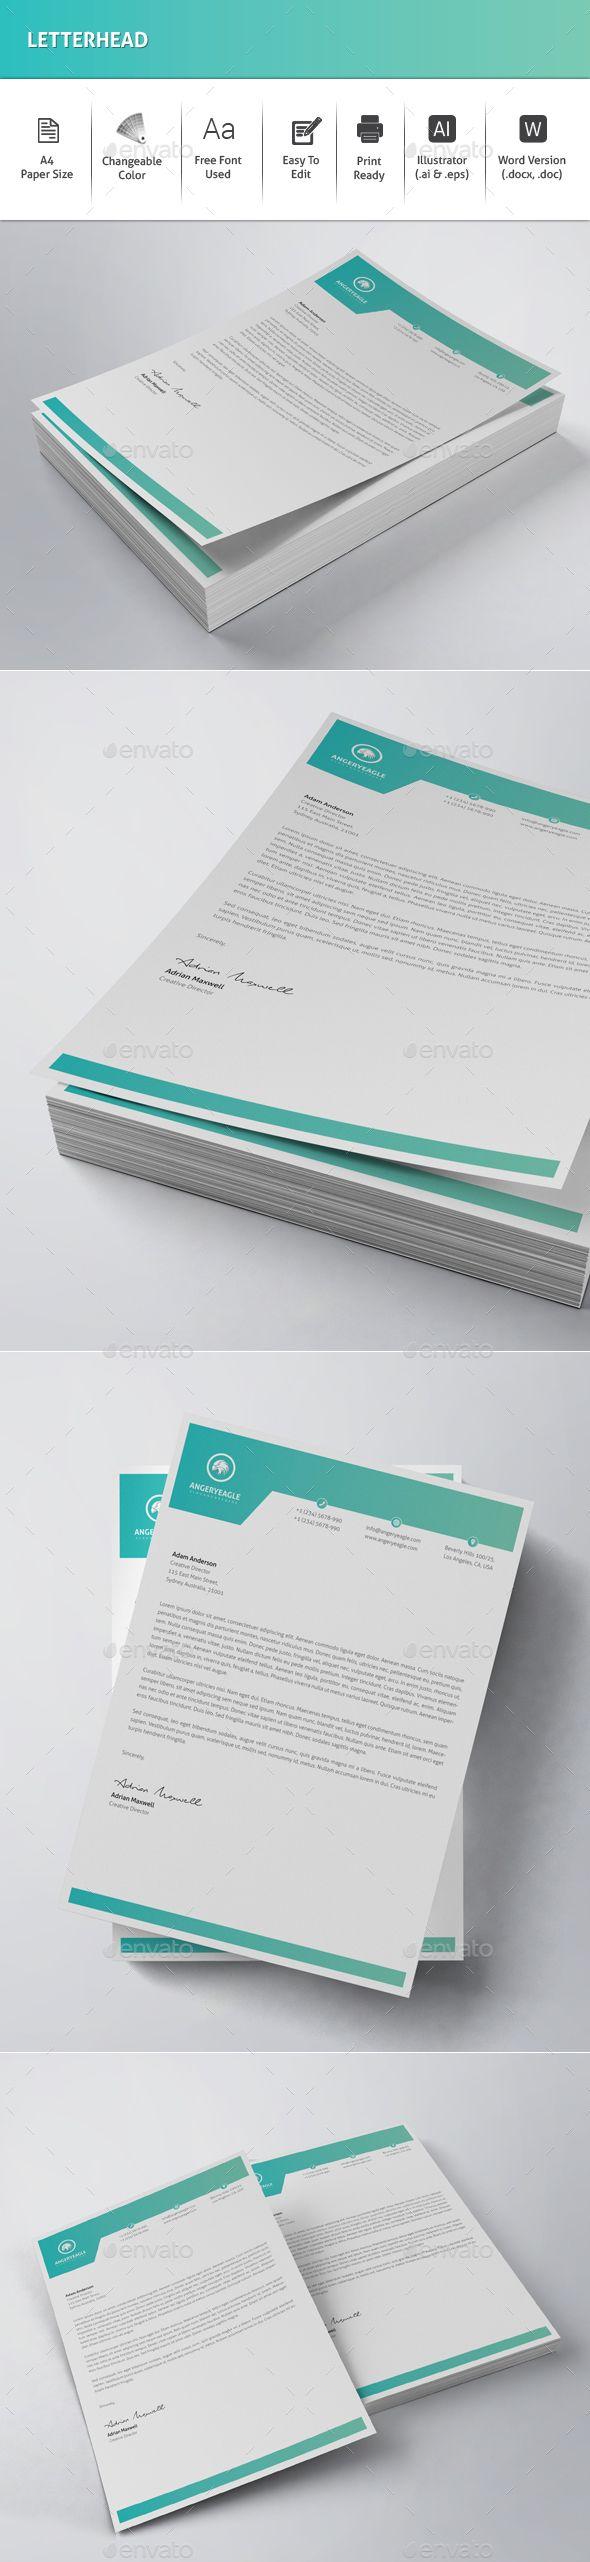 letter format on letterhead%0A Letterhead